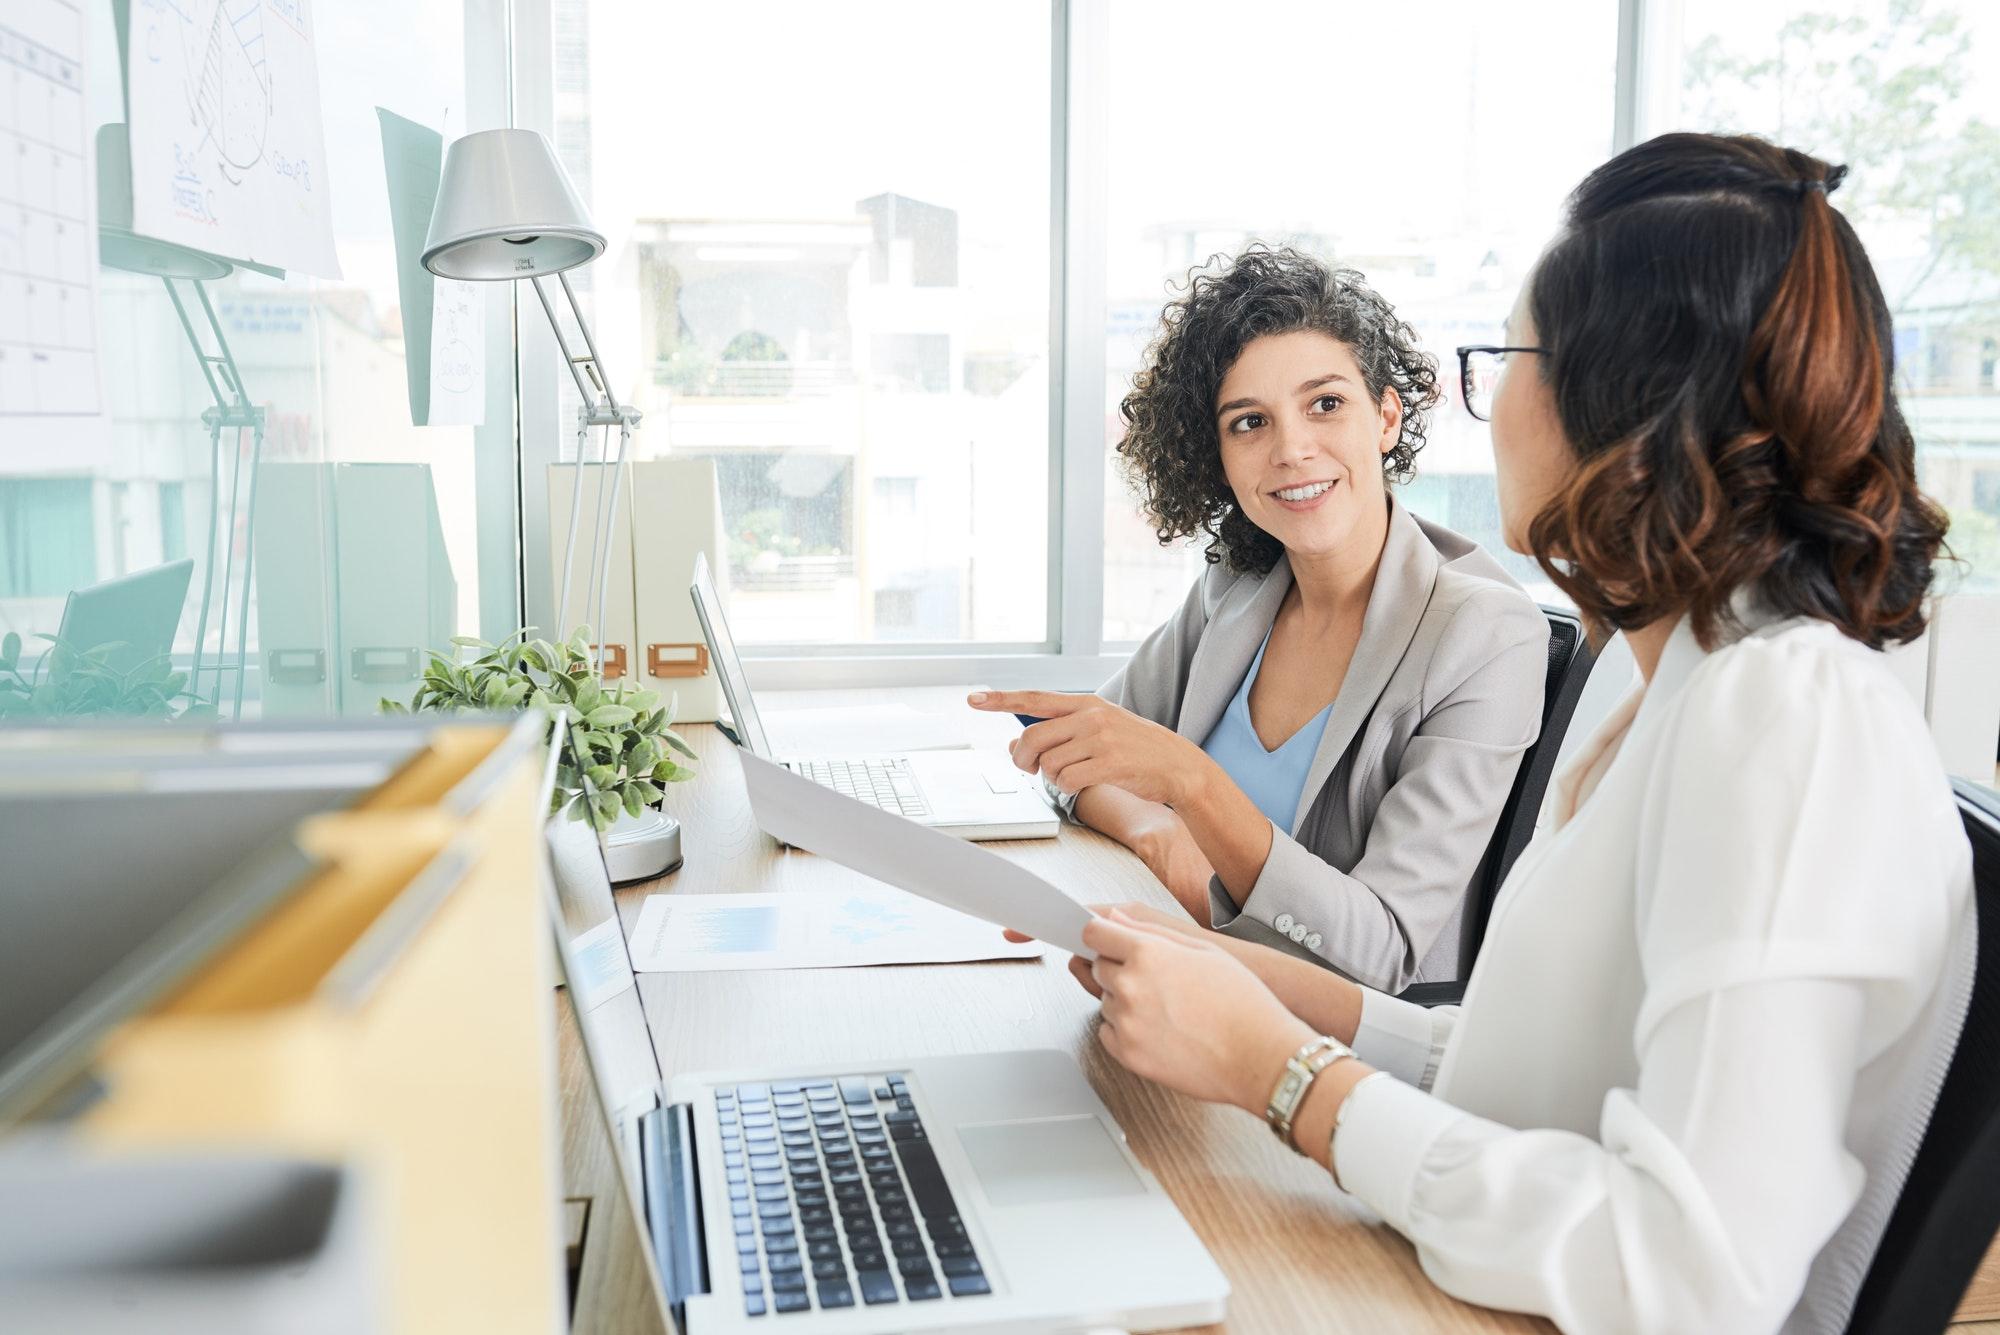 Businesswomen discussing documents